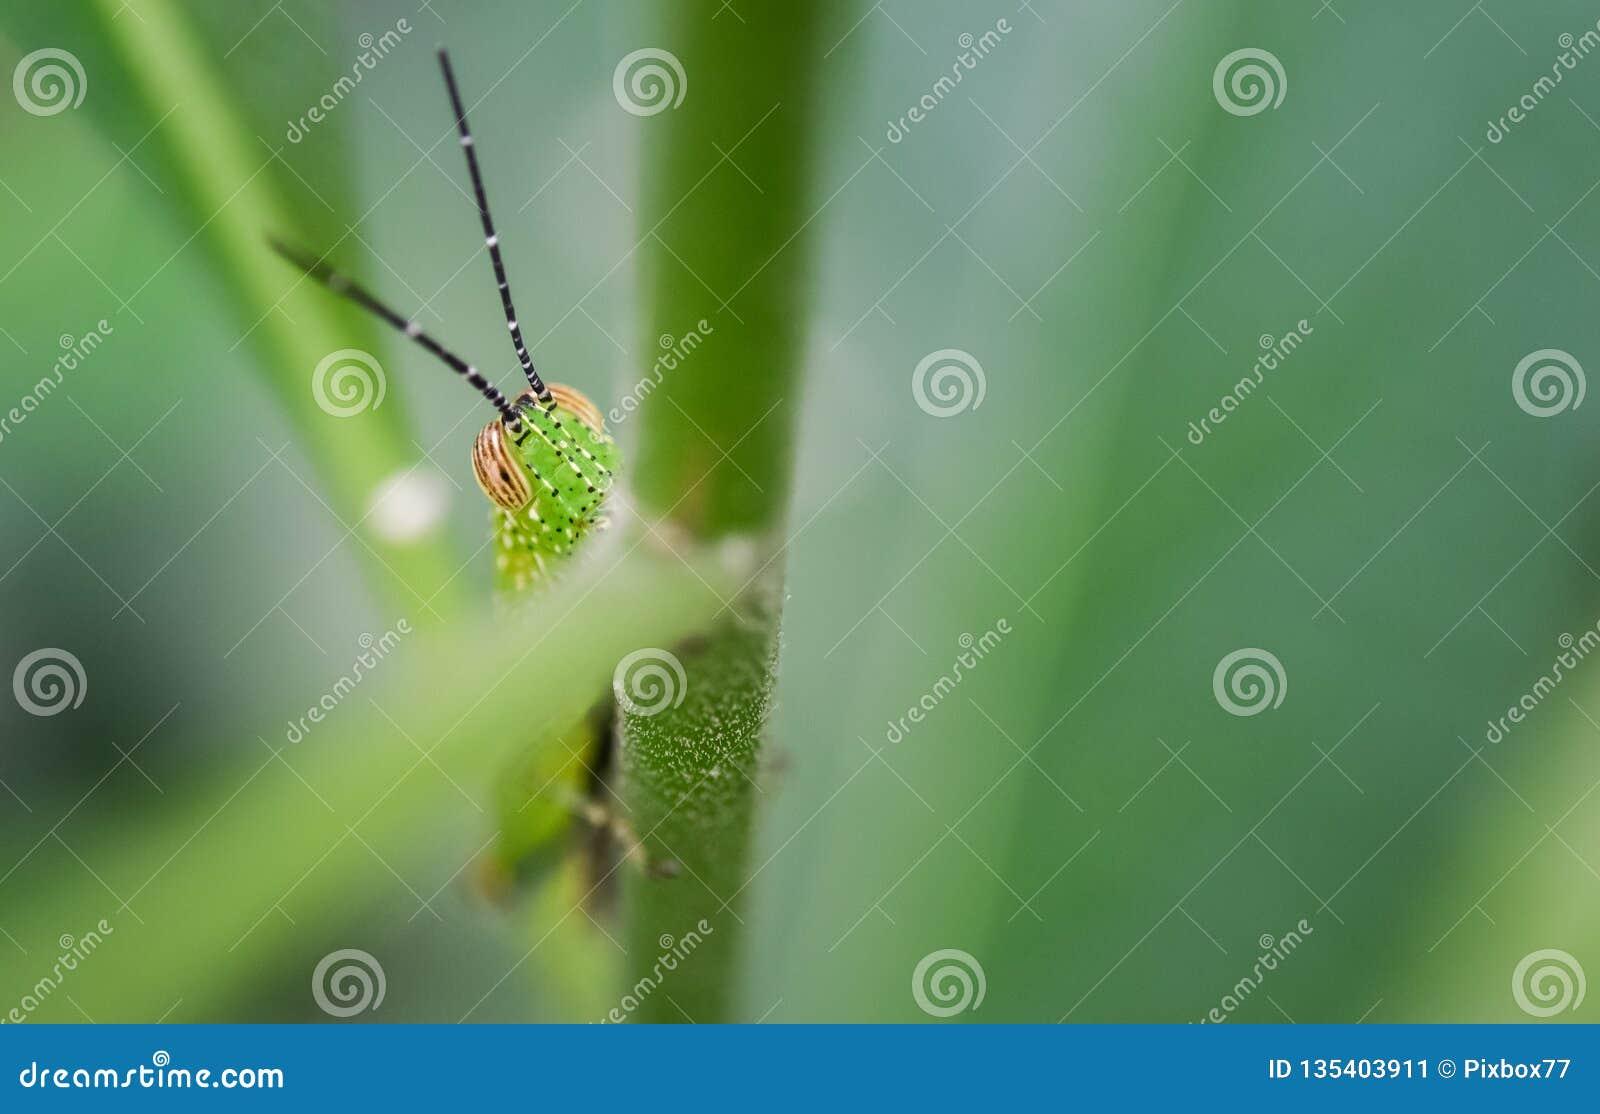 Pellame della cavalletta alla foglia verde